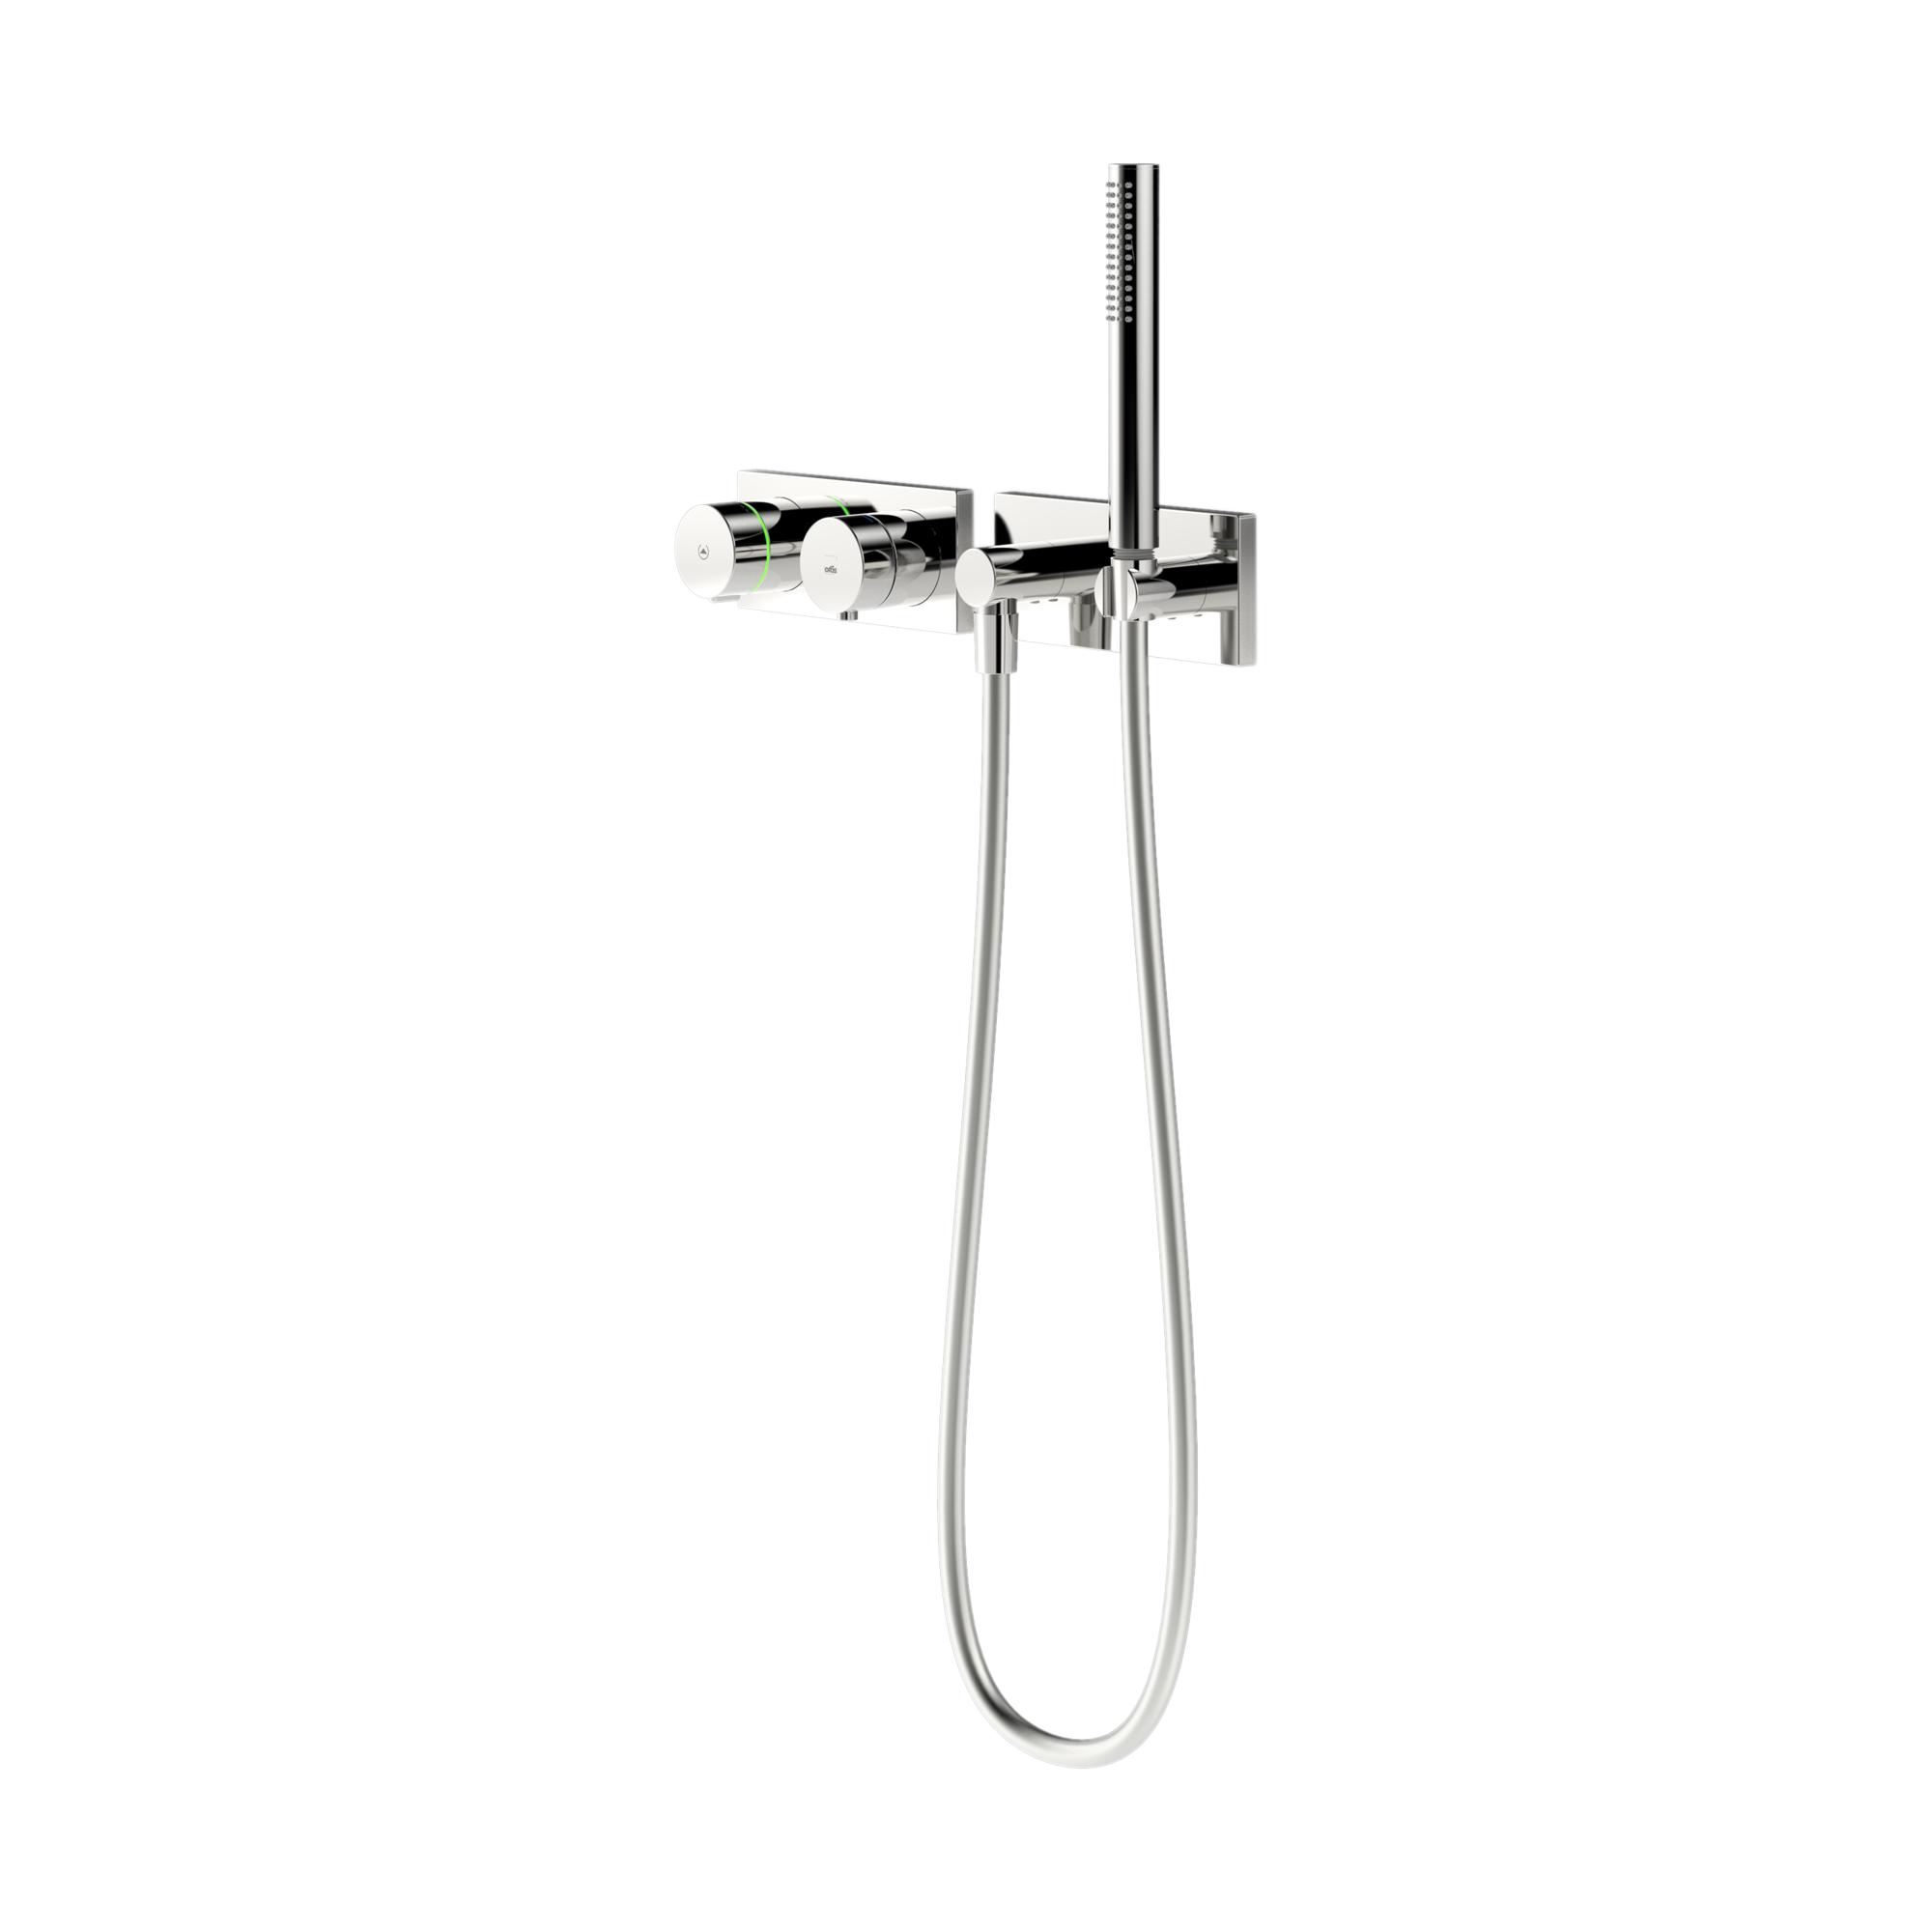 Смеситель Oras Signa 2281 для душа oras смеситель для ванны с душевым набором apollo